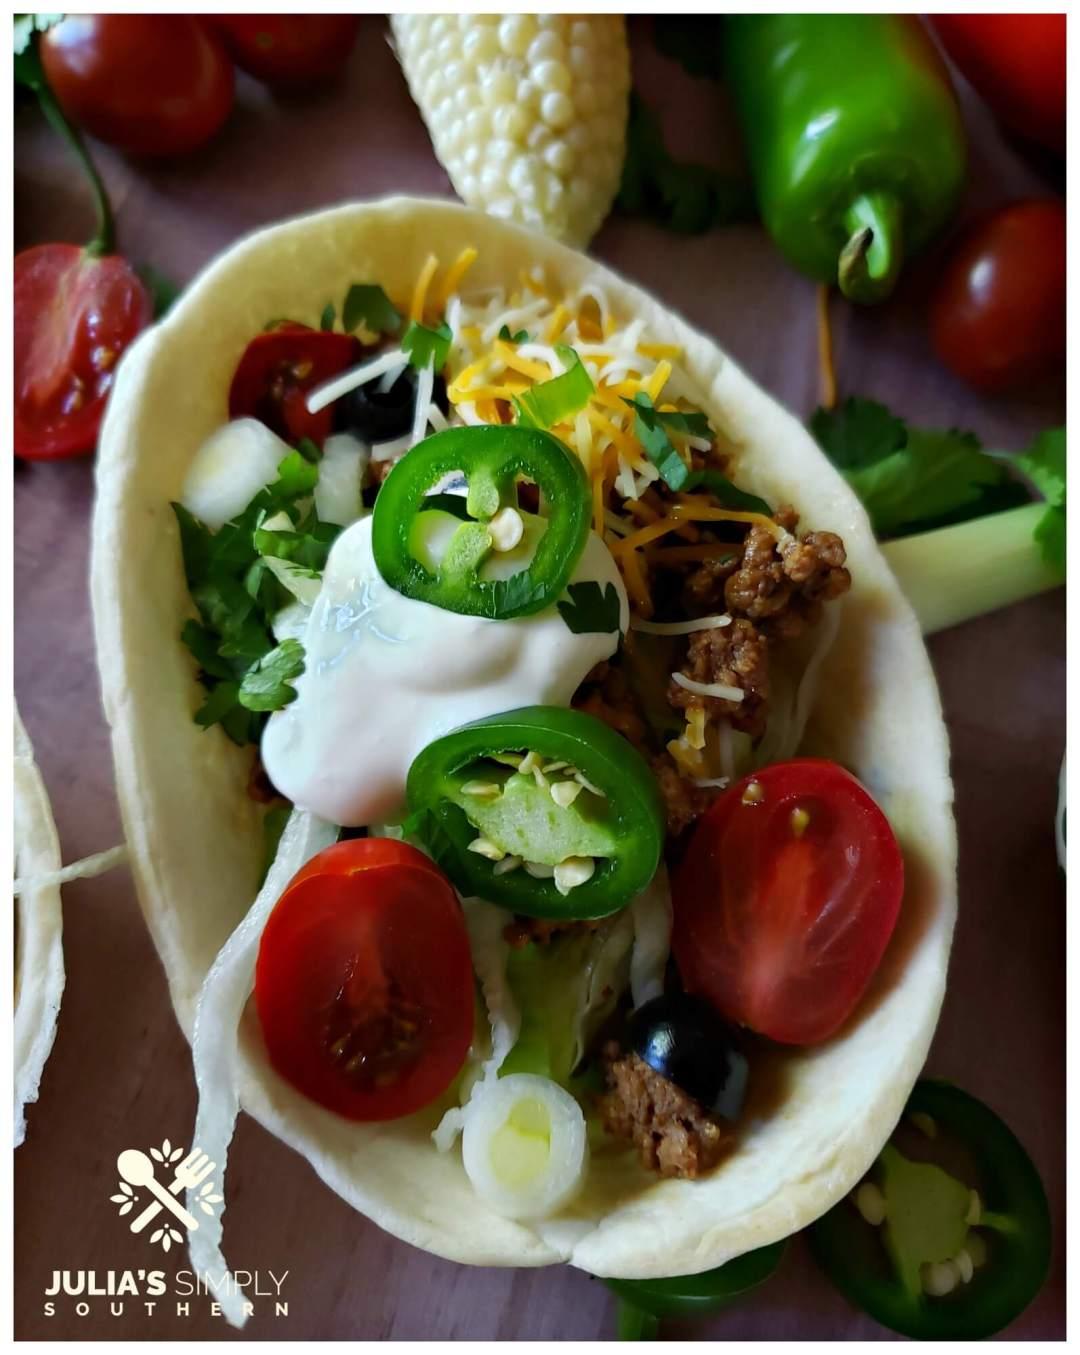 Cinco de Mayo tacos with jalapeno and sour cream